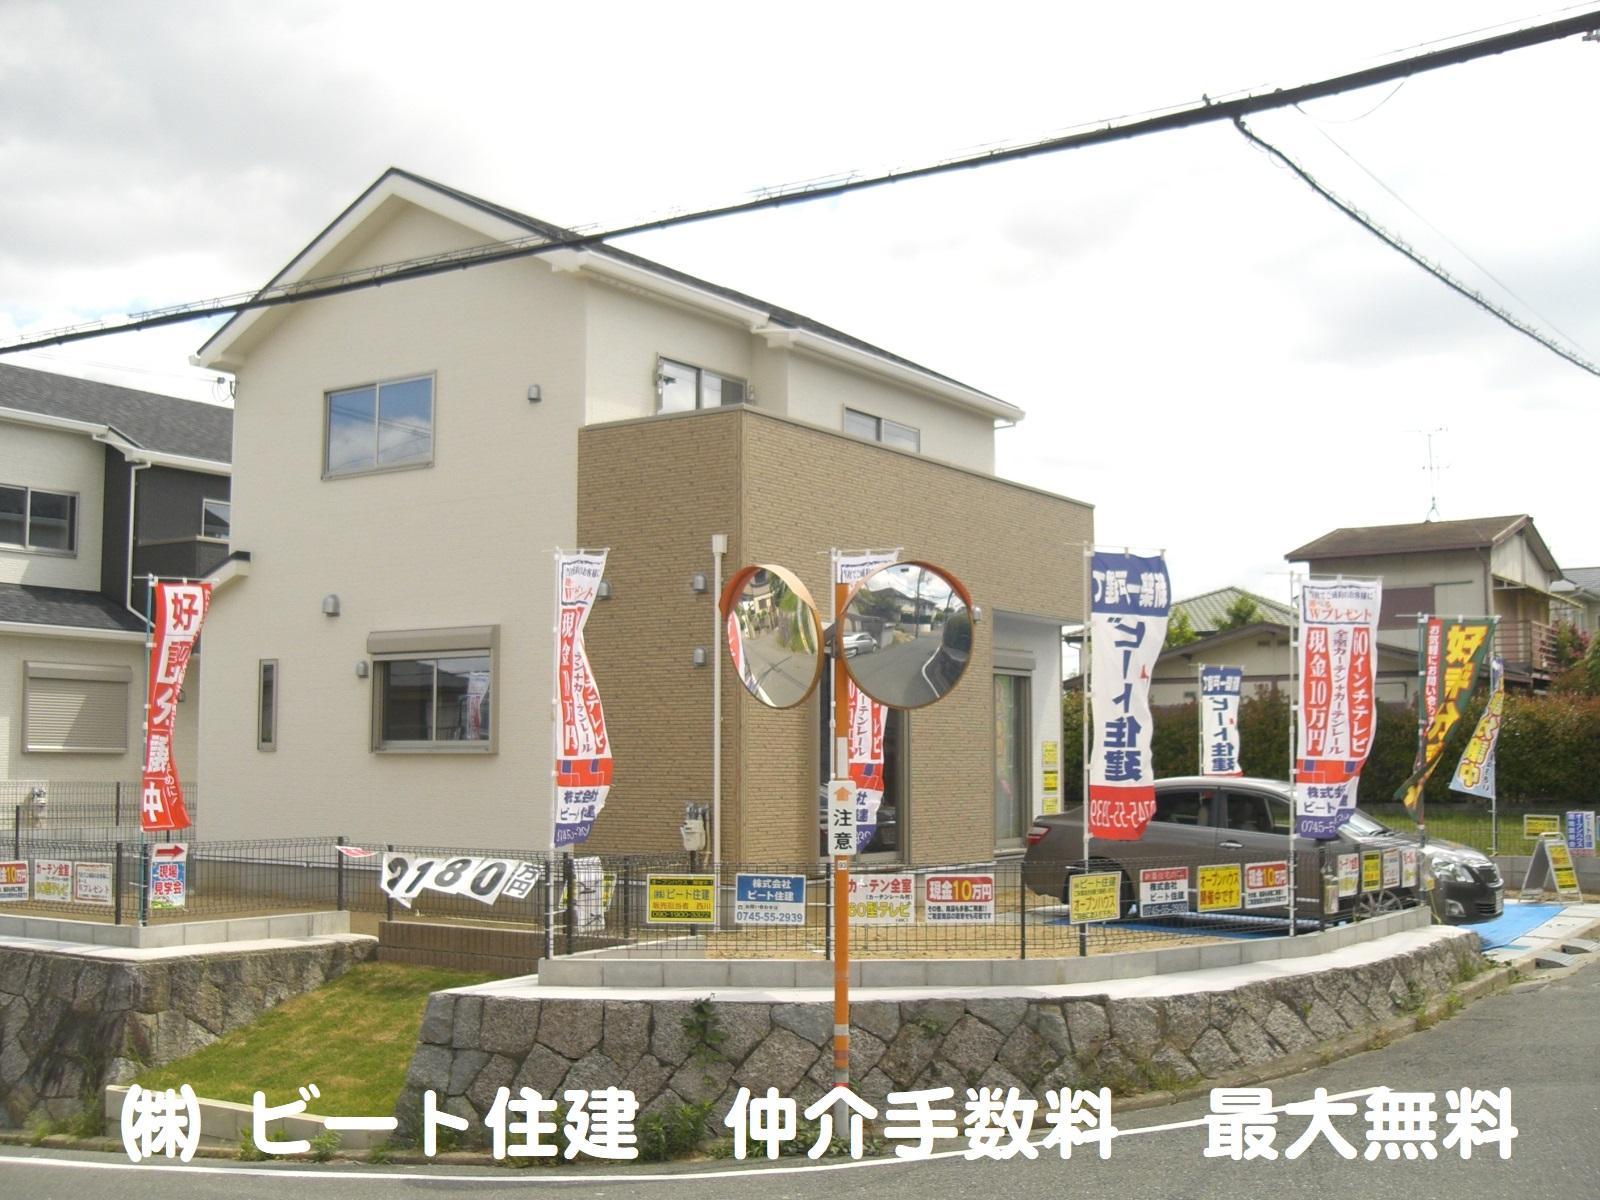 奈良県 河合町 新築 大幅値引き  ビート住建 河合町 新築 お買い得 仲介手数料 最大無料